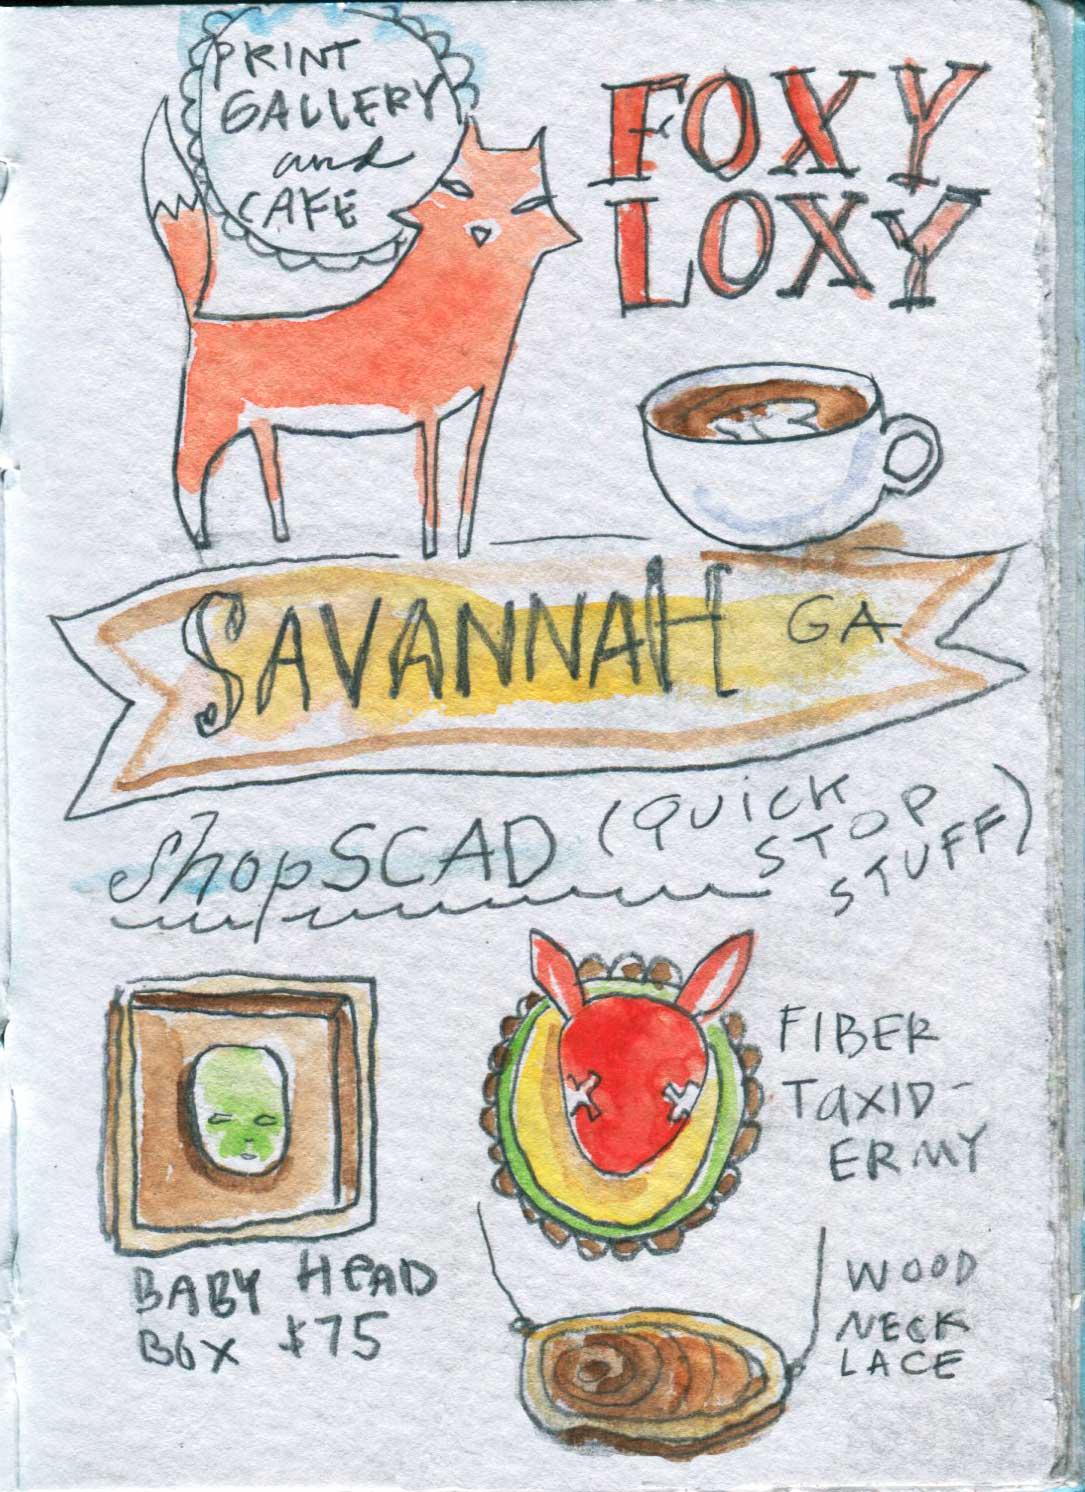 foxy-loxy080